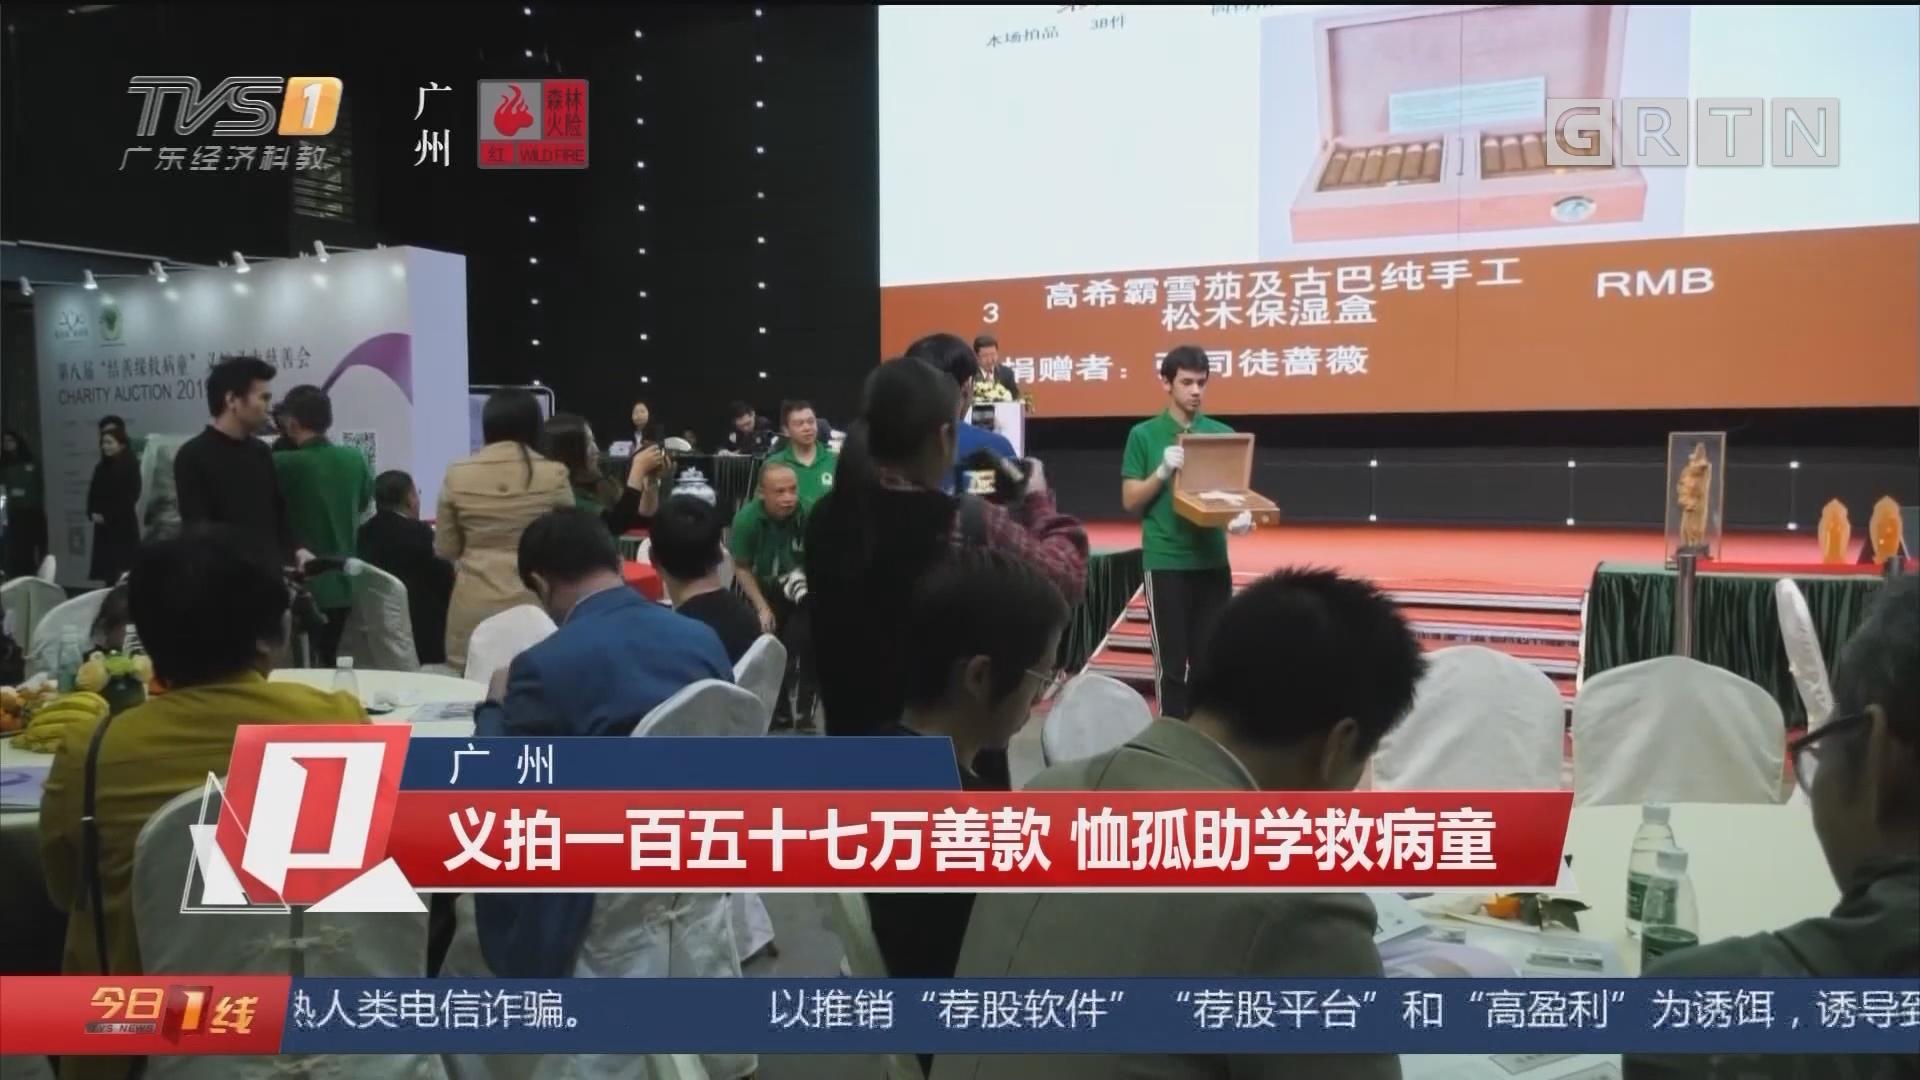 广州:义拍一百五十七万善款 恤孤助学救病童